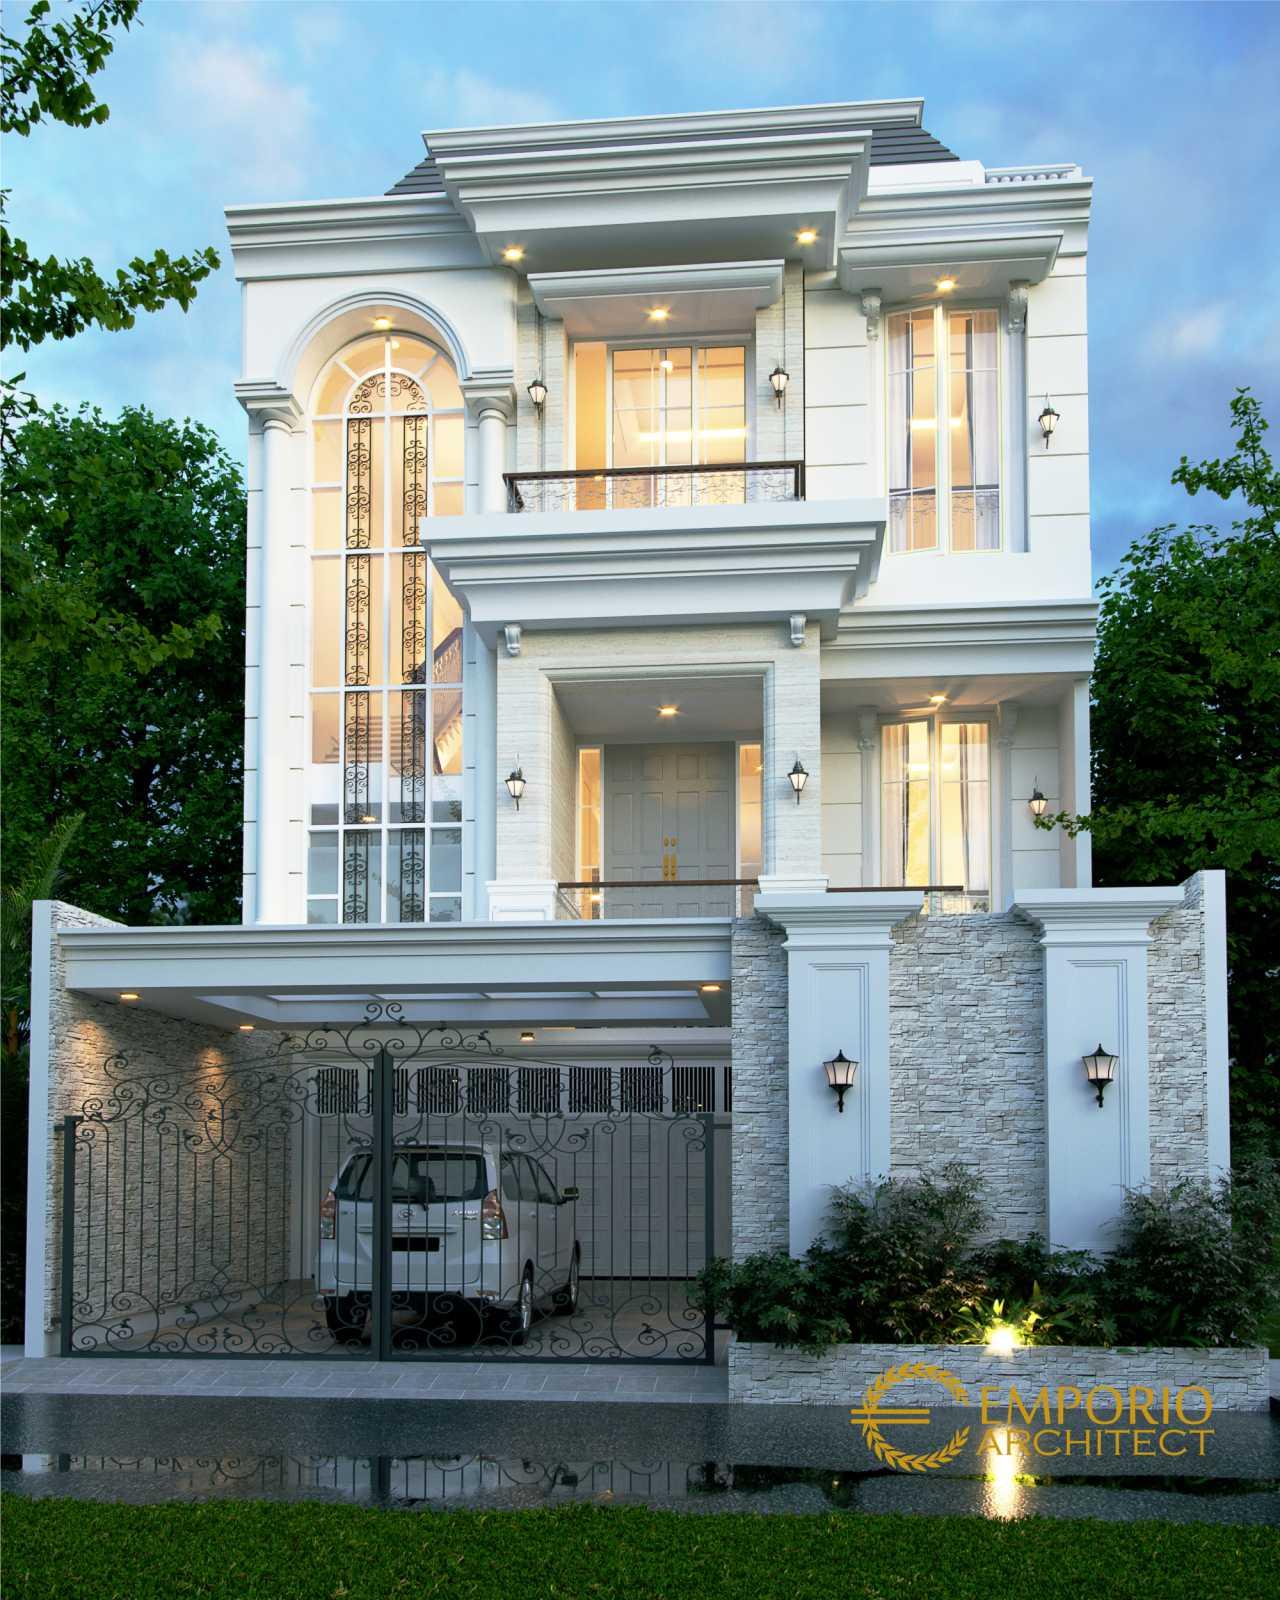 Desain Rumah Classic 3 5 Lantai Ibu Carmel di Jakarta Utara